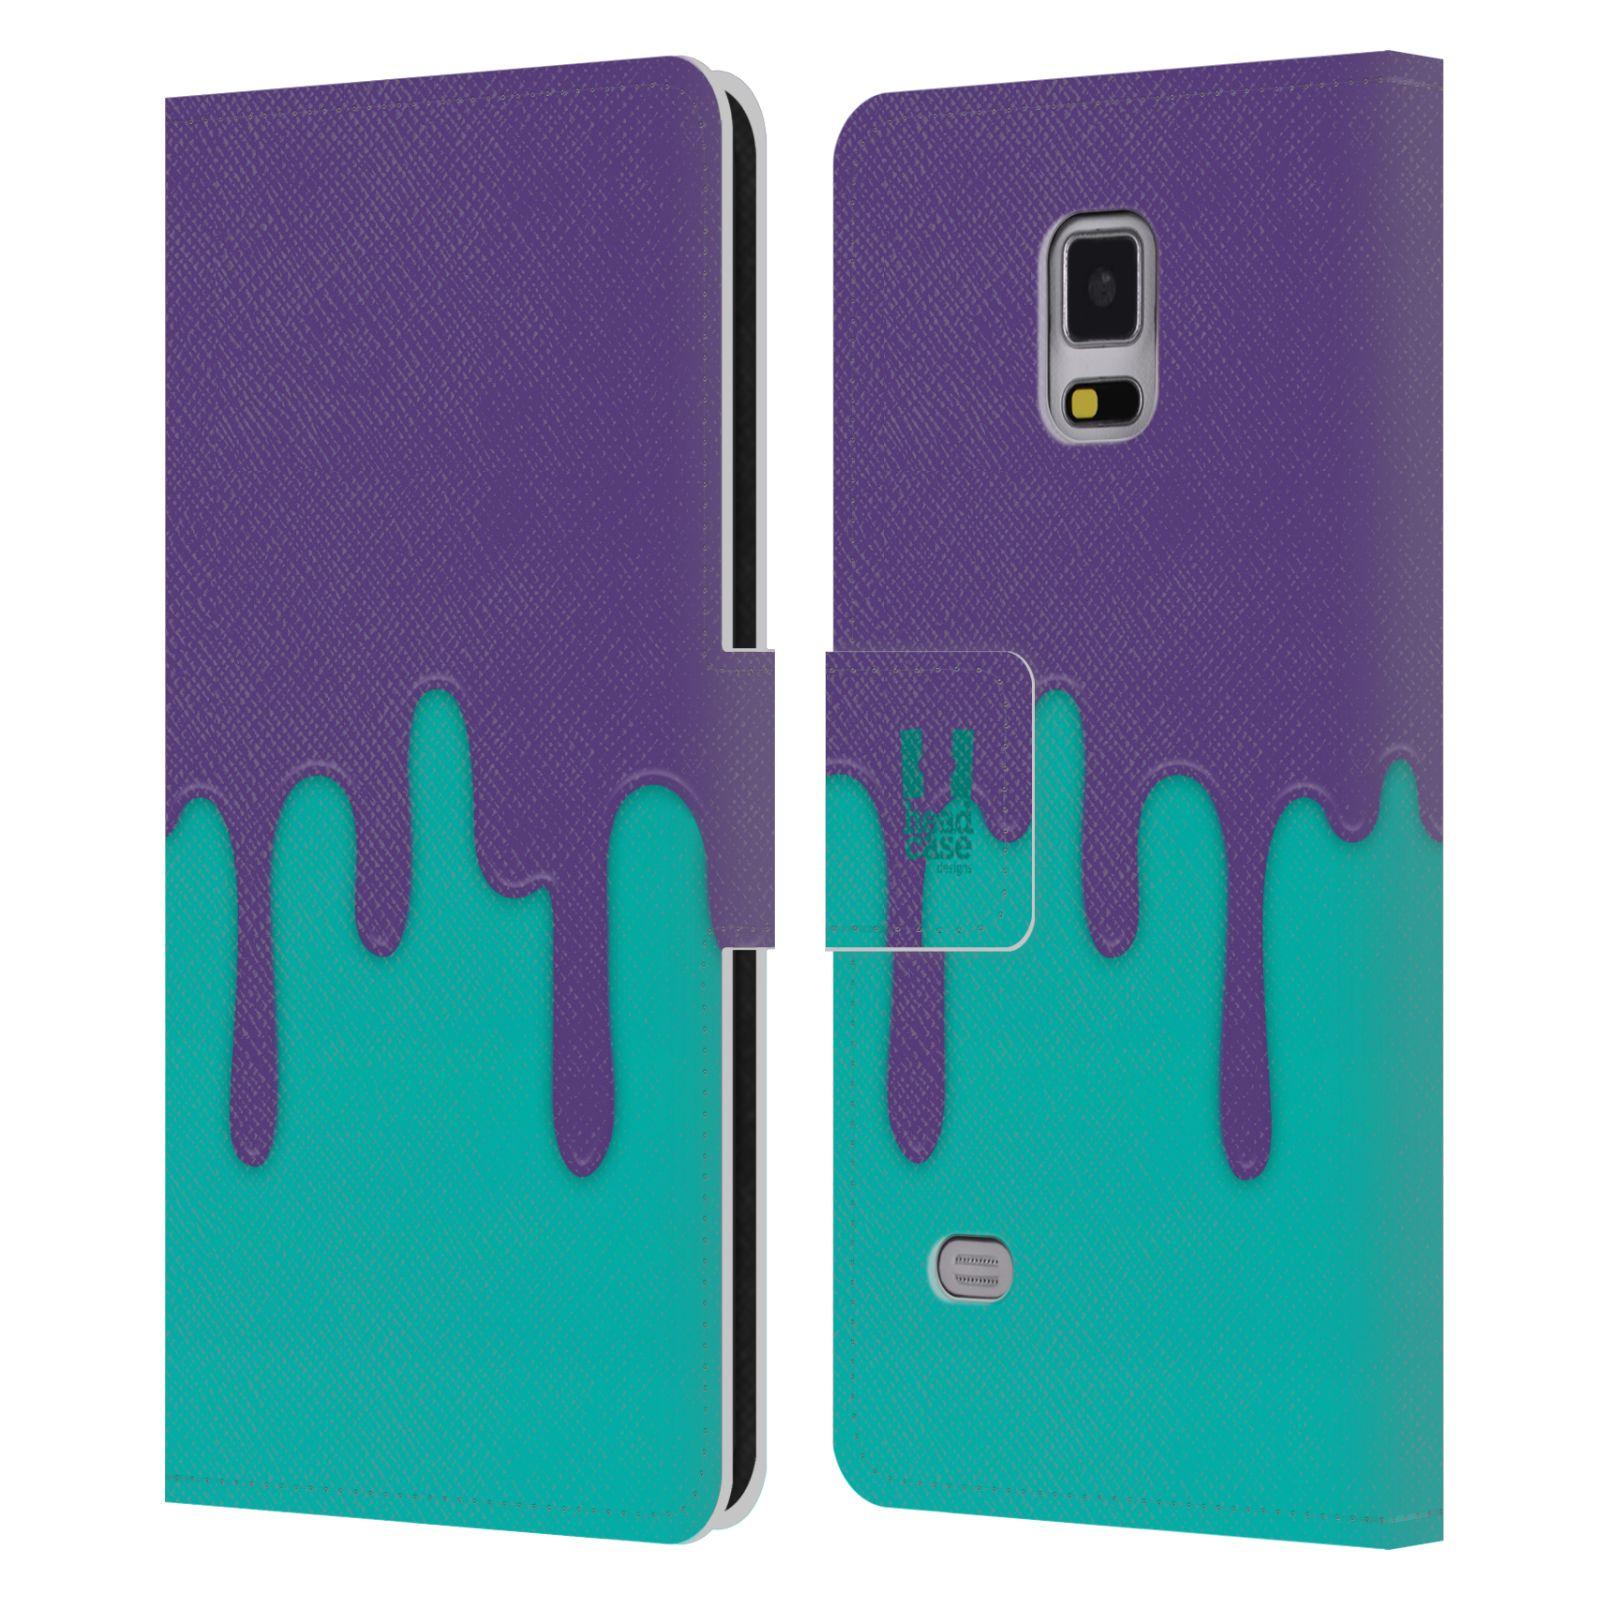 HEAD CASE Flipové pouzdro pro mobil Samsung Galaxy Note 4 Rozlitá barva fialová a tyrkysová